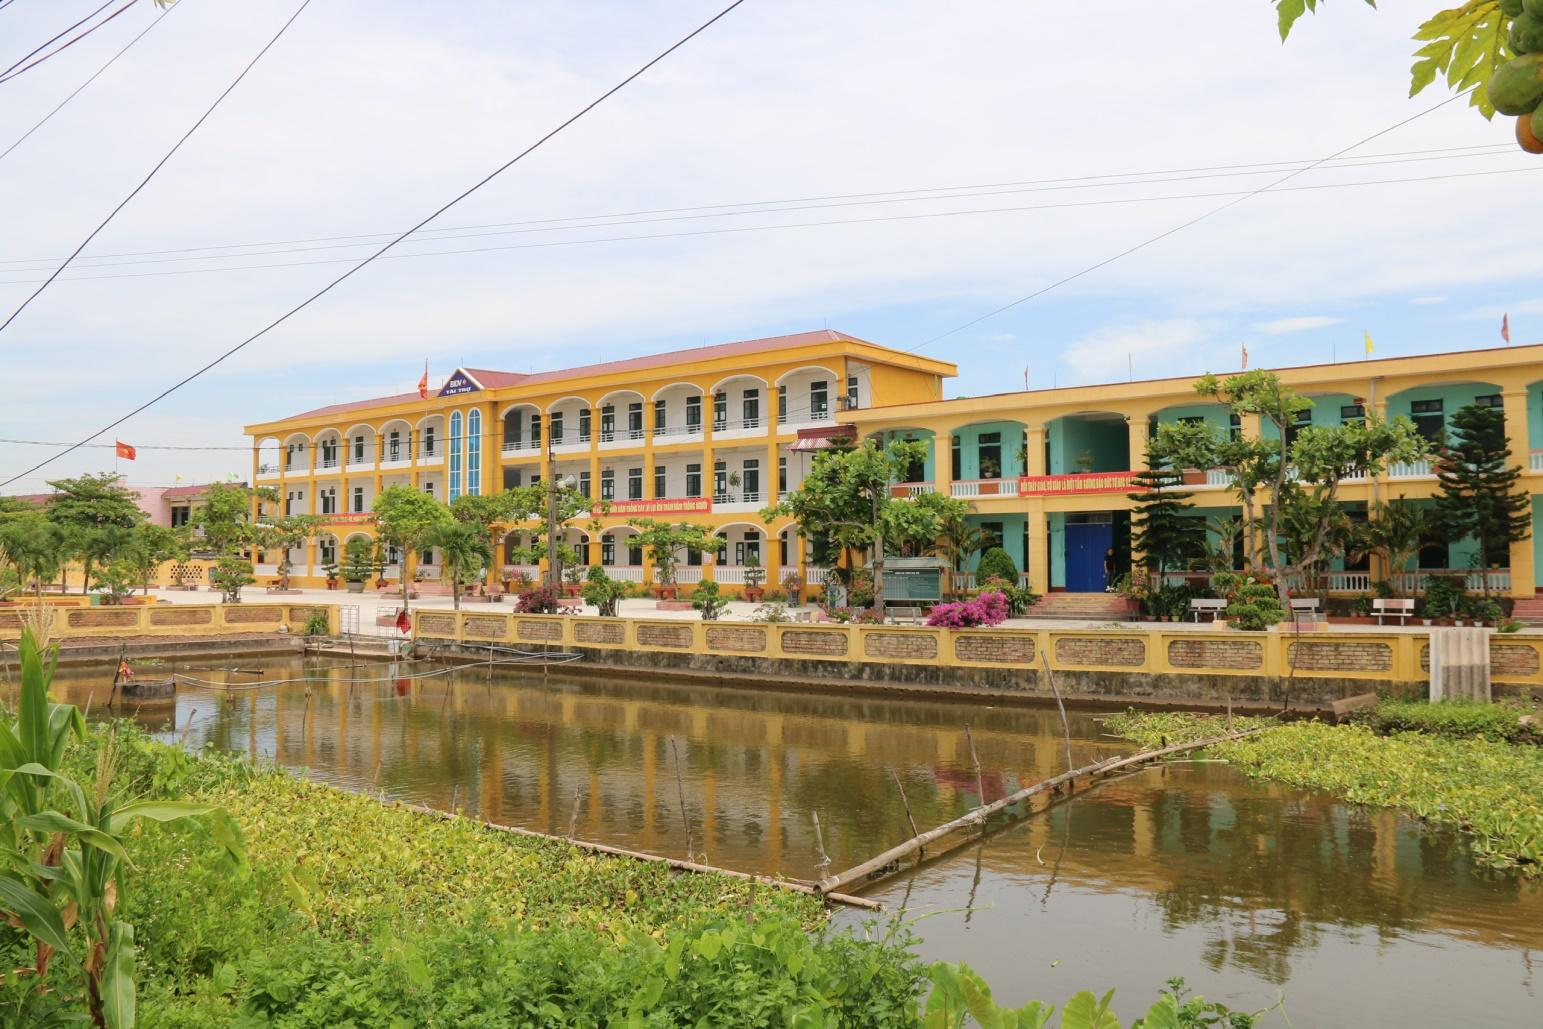 Trường học cấp 1 - 2 xã mới được quy hoạch xây dựng lại năm 2019